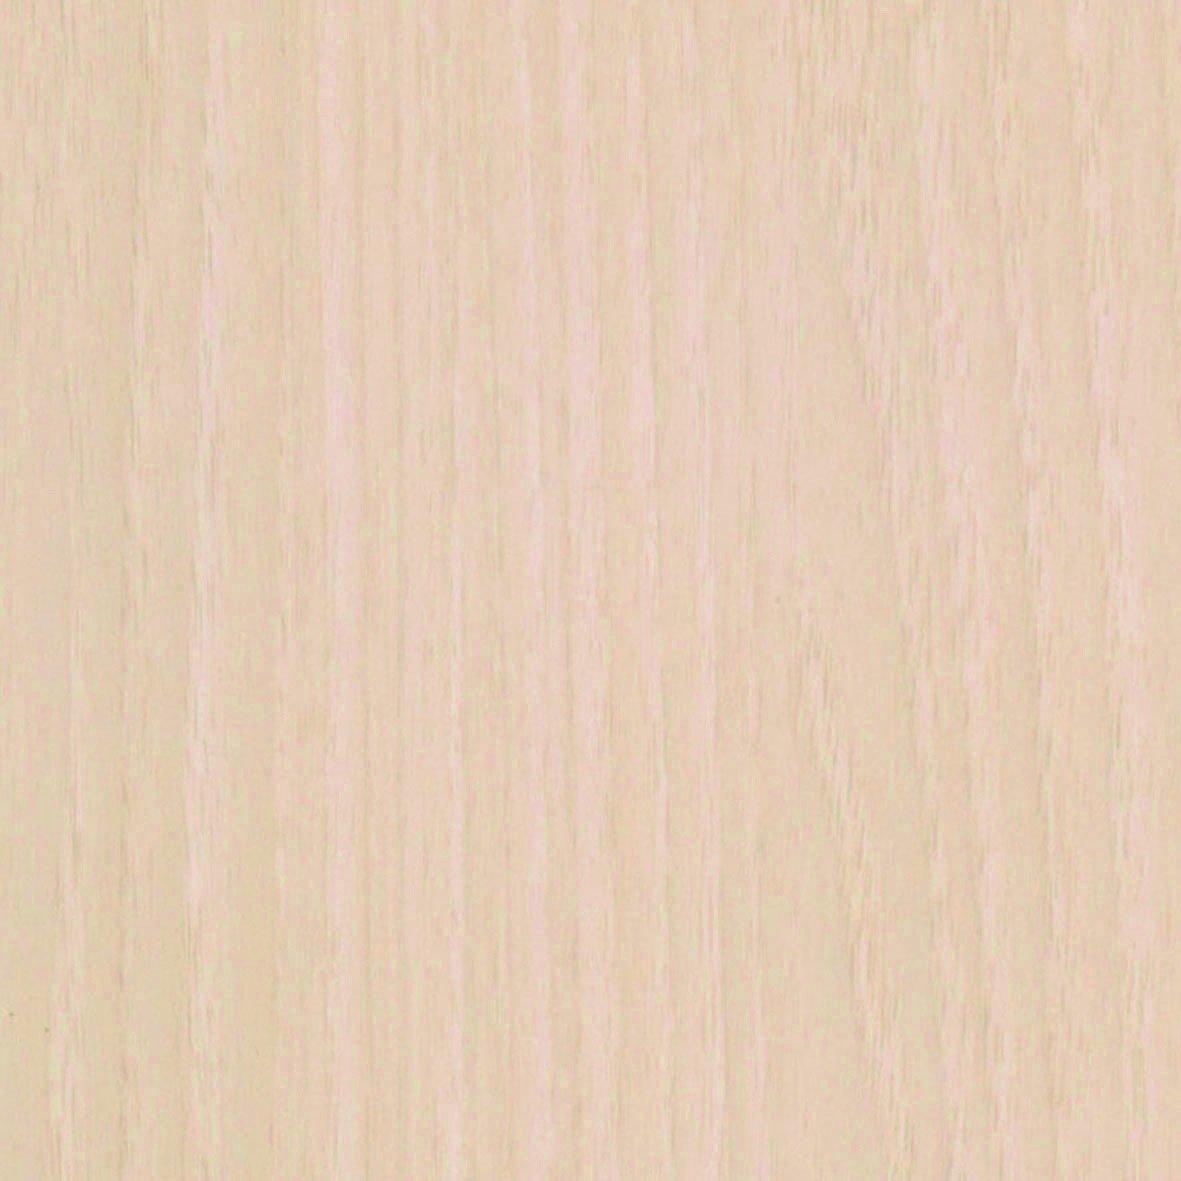 リリカラ 壁紙24m ナチュラル 木目調 ベージュ LL-8848 B01N3WFA2Z 24m|ベージュ1